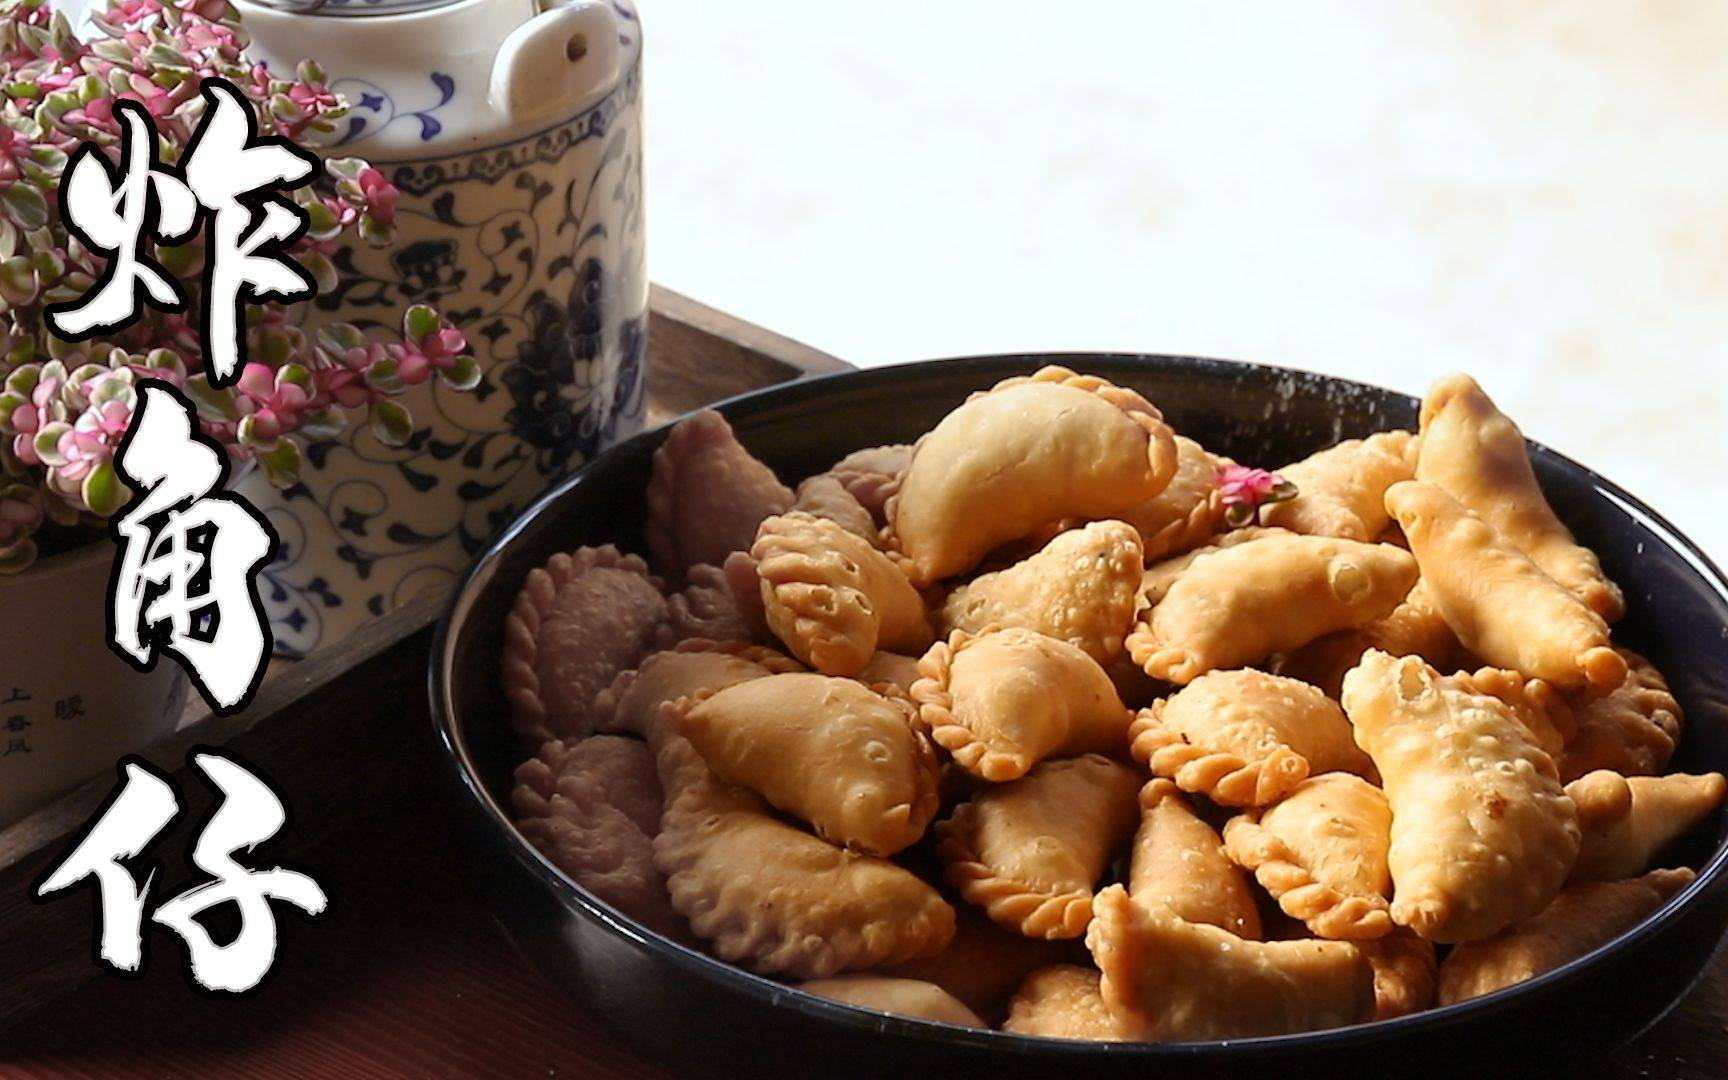 舌尖上的客家年味-炸角仔, 新年将至, 必备传统小吃(三集)